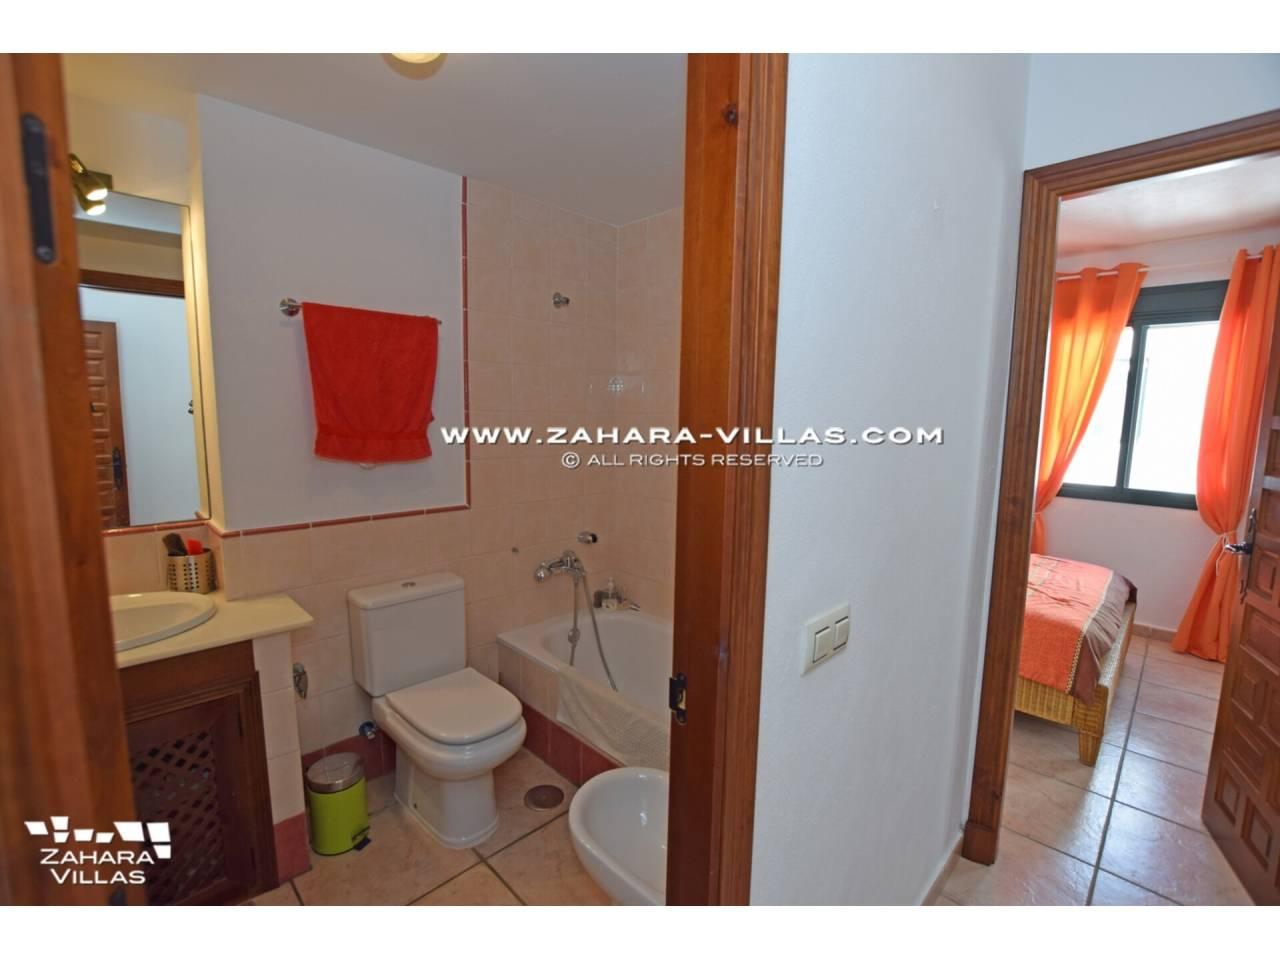 Imagen 26 de Penthouse apartment for sale in Zahara de los Atunes